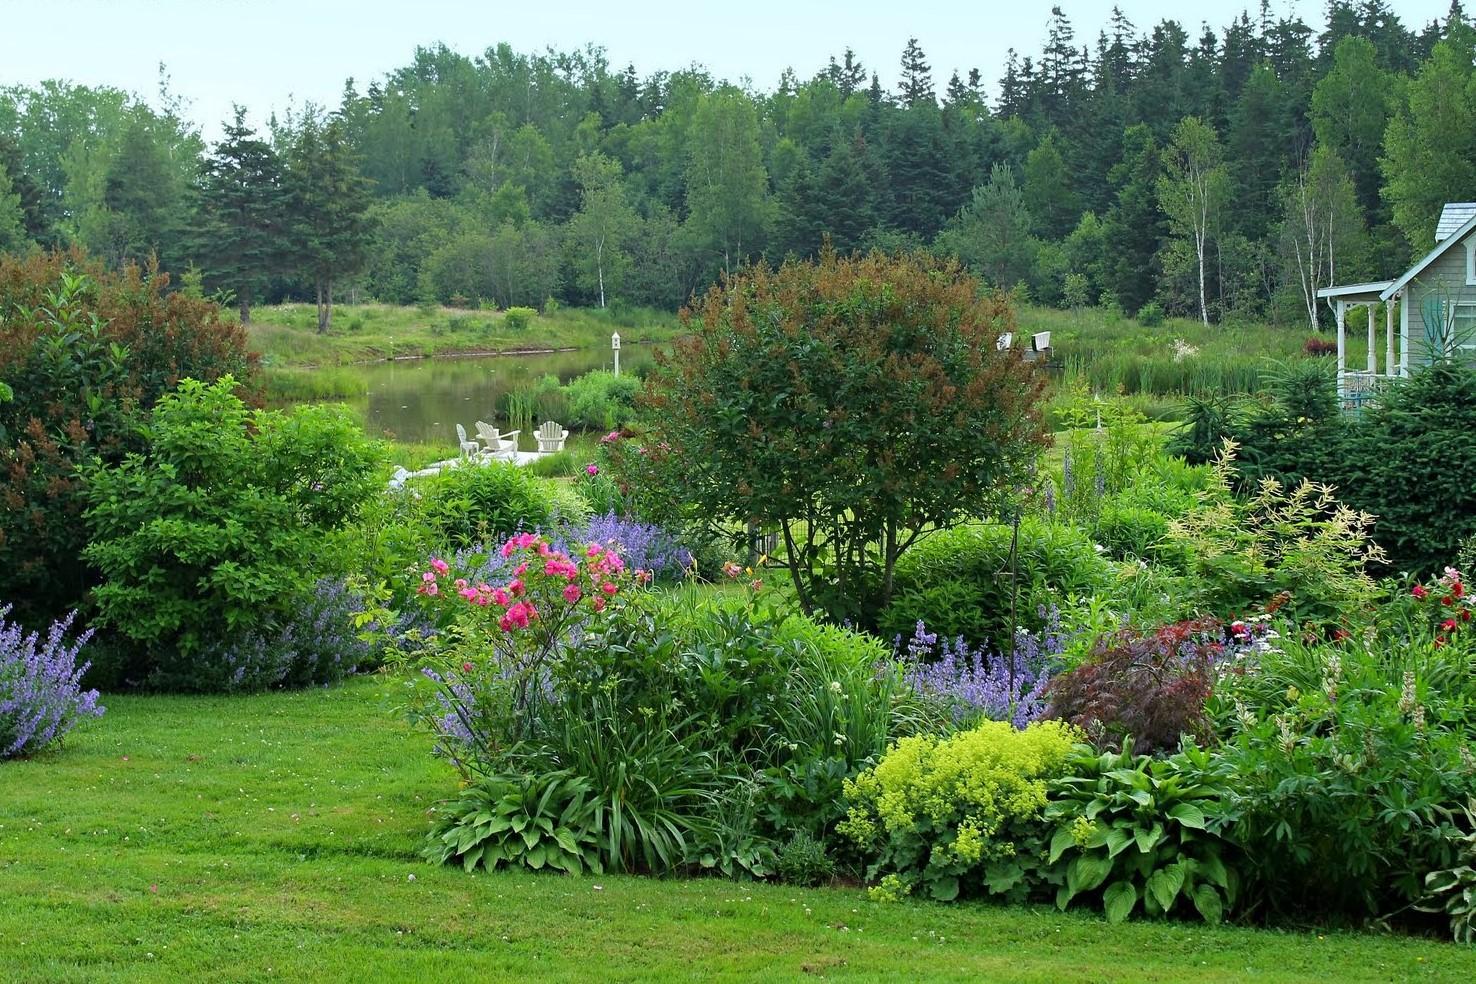 Záhrada,ktorá ťa nikdy neomrzí...divoká a krásna - Obrázok č. 13